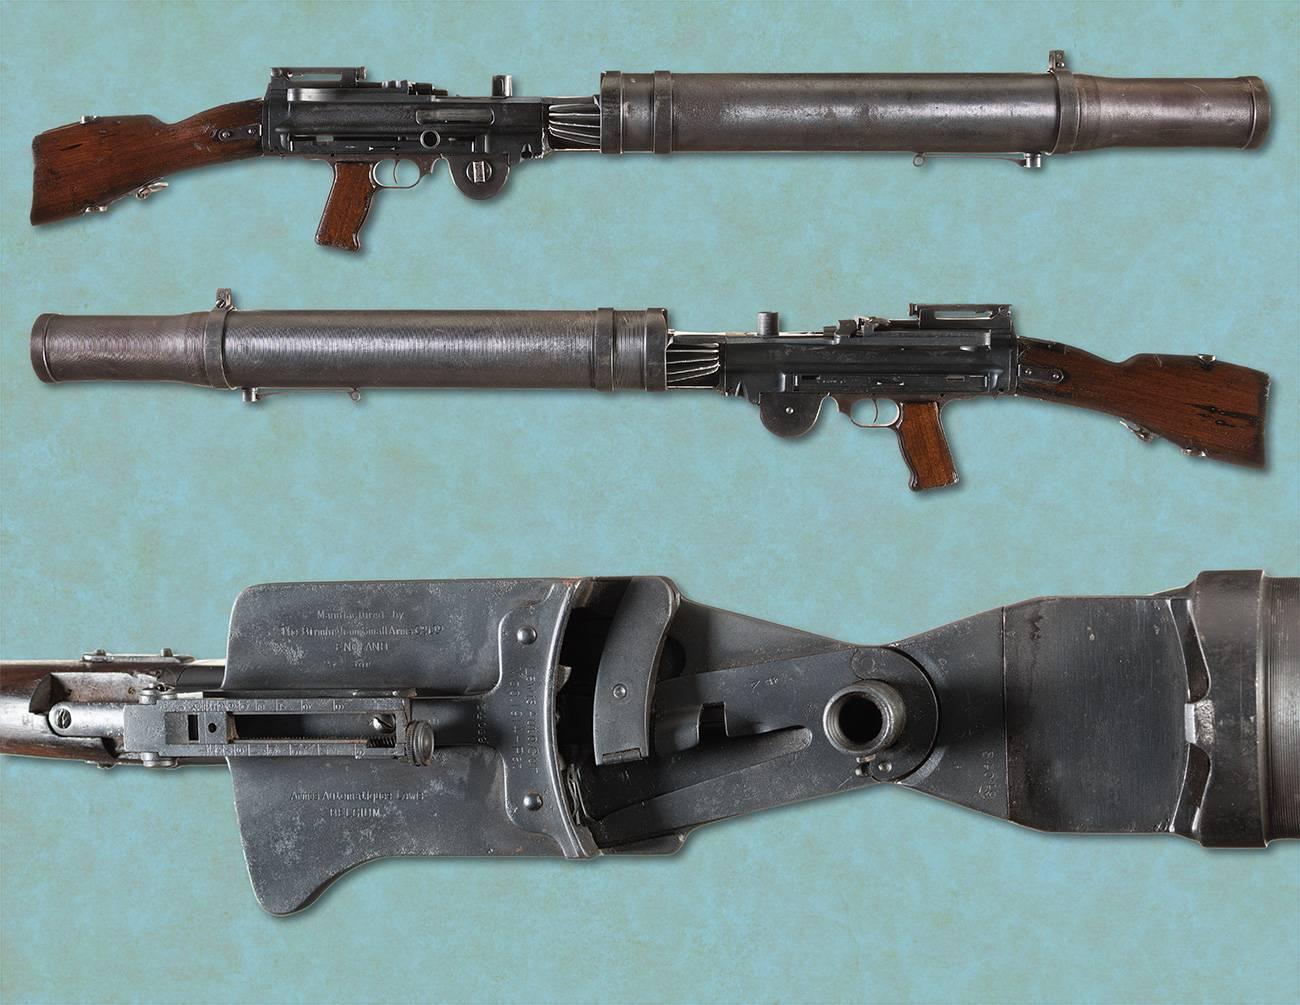 Пулемет льюиса конструкция и принцип действия. история оружия: ручной пулемёт системы льюиса